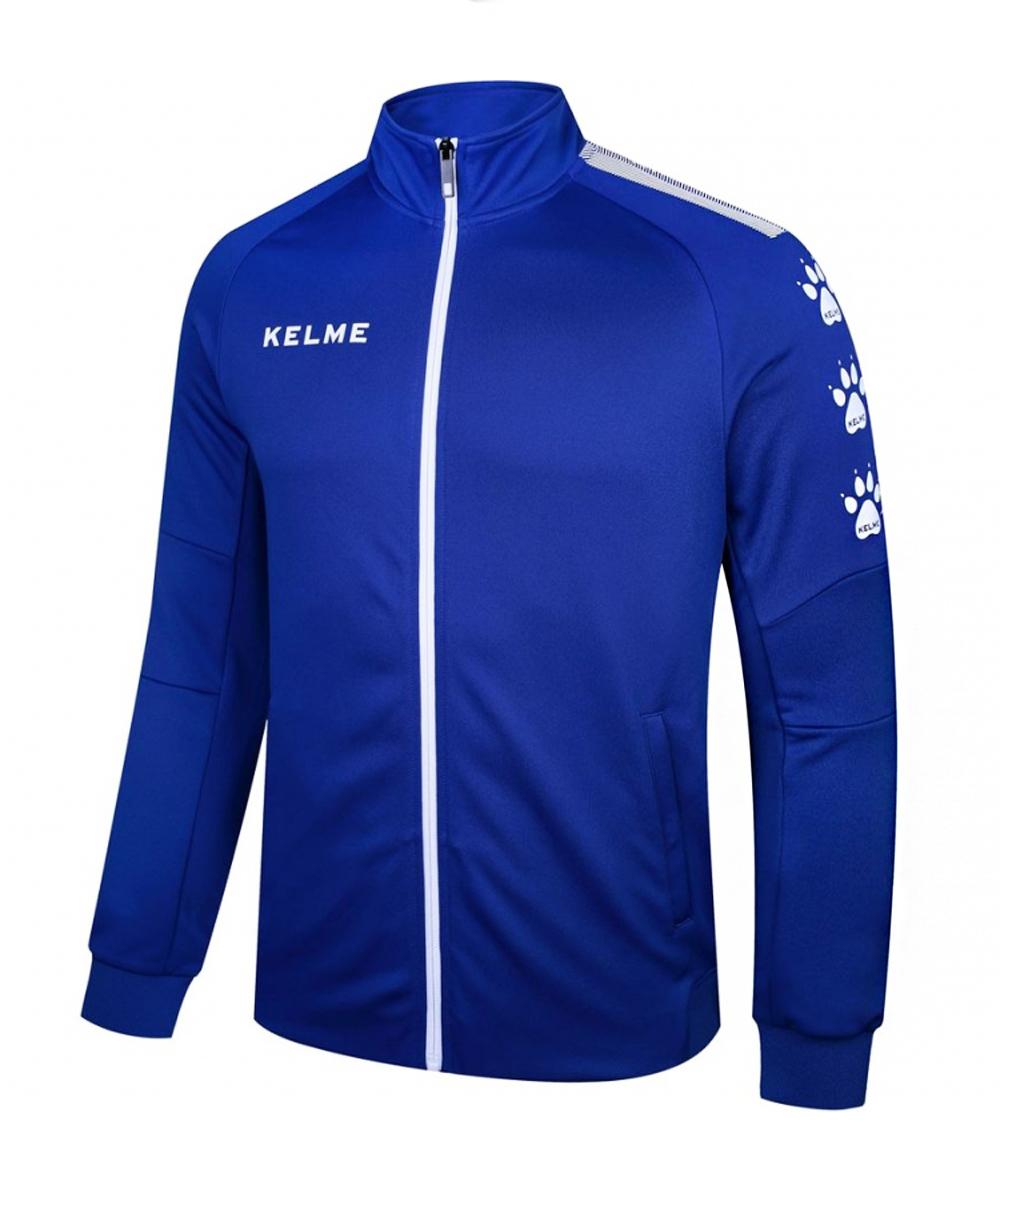 Купить олимпийку Kelme Training Jacked 3881324-409